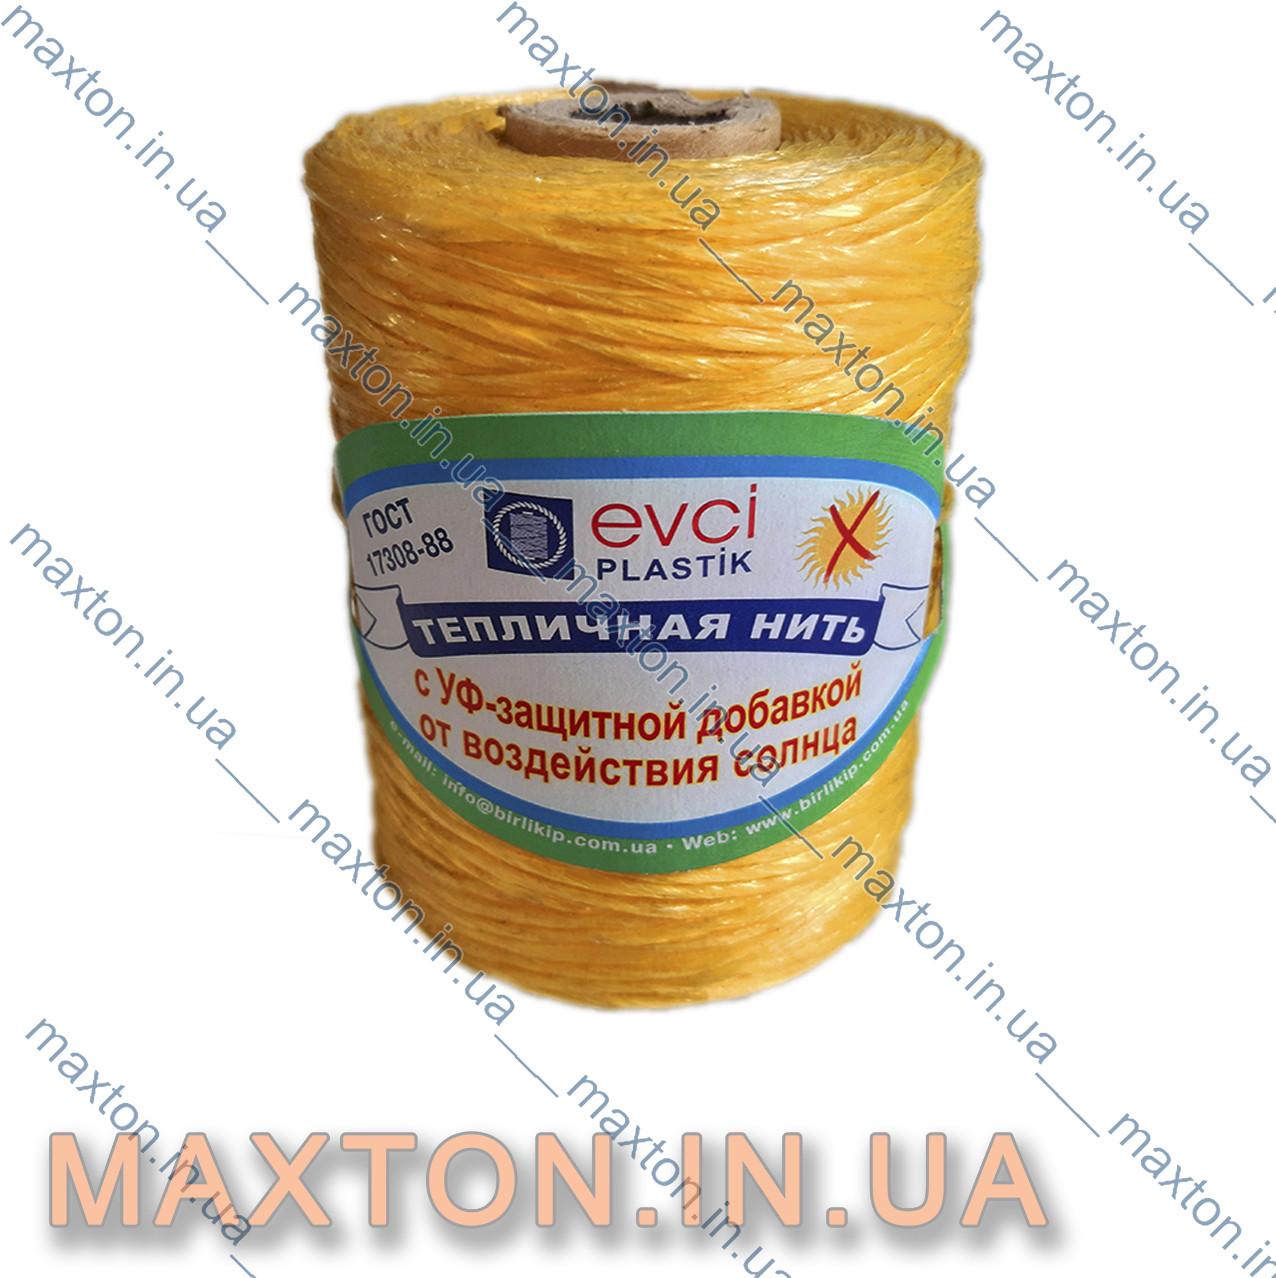 Шпагат полипропиленовый 250 с УФ добавкой от воздействия солнца желтый